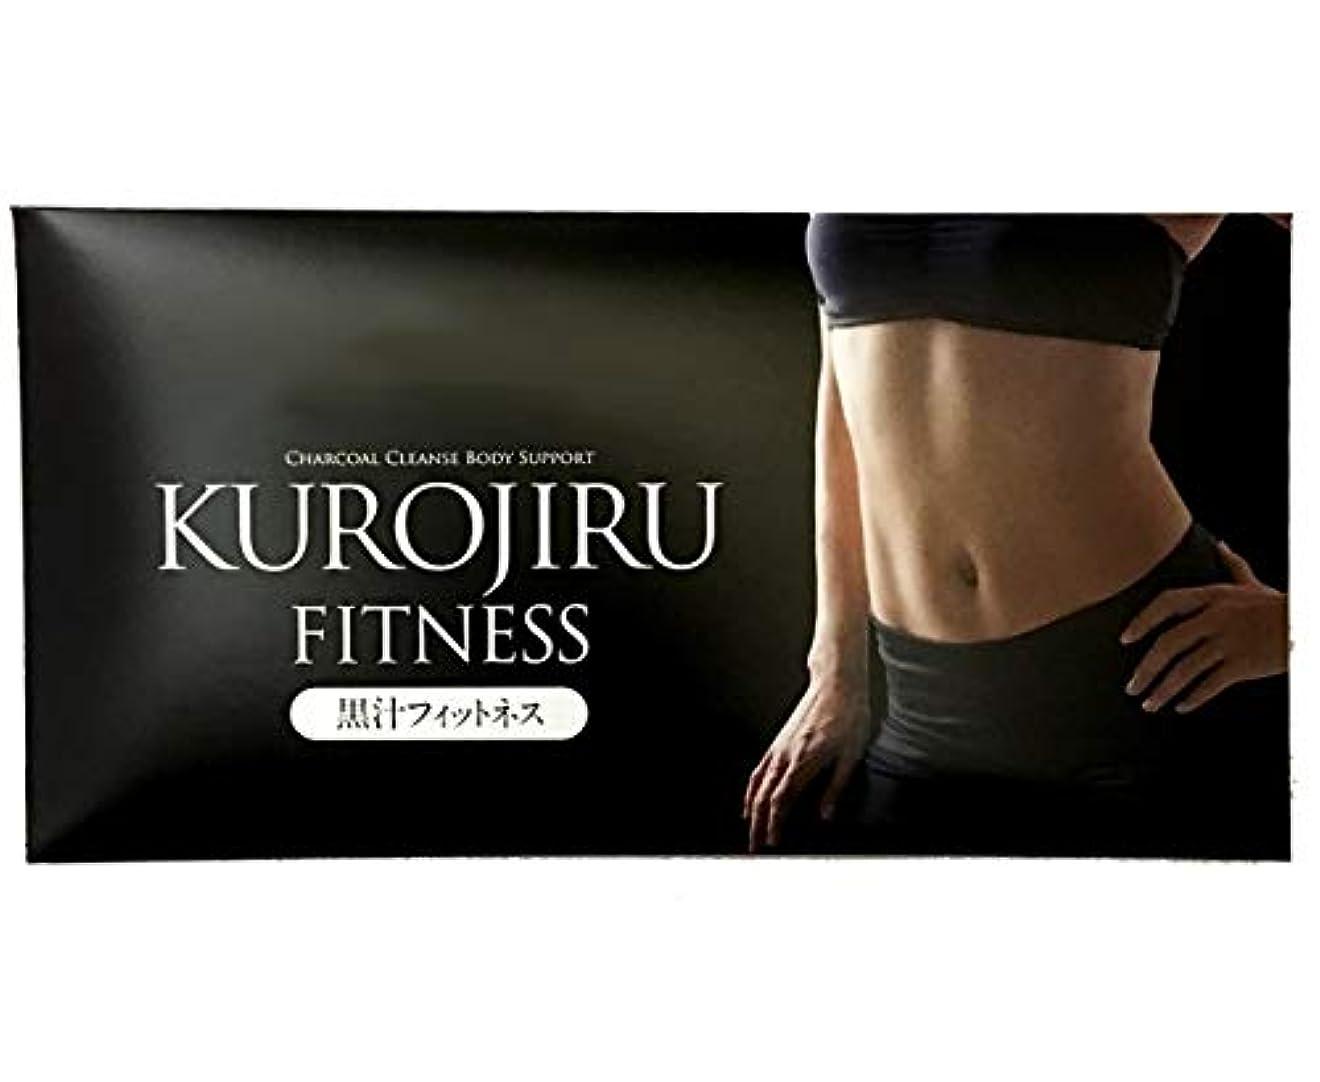 履歴書同一のペチュランス黒汁フィットネス(KUROJIRU FITNESS) 30包 チャコールクレンズ 赤松活性炭 オリゴ糖 サラシアエキス 酵素